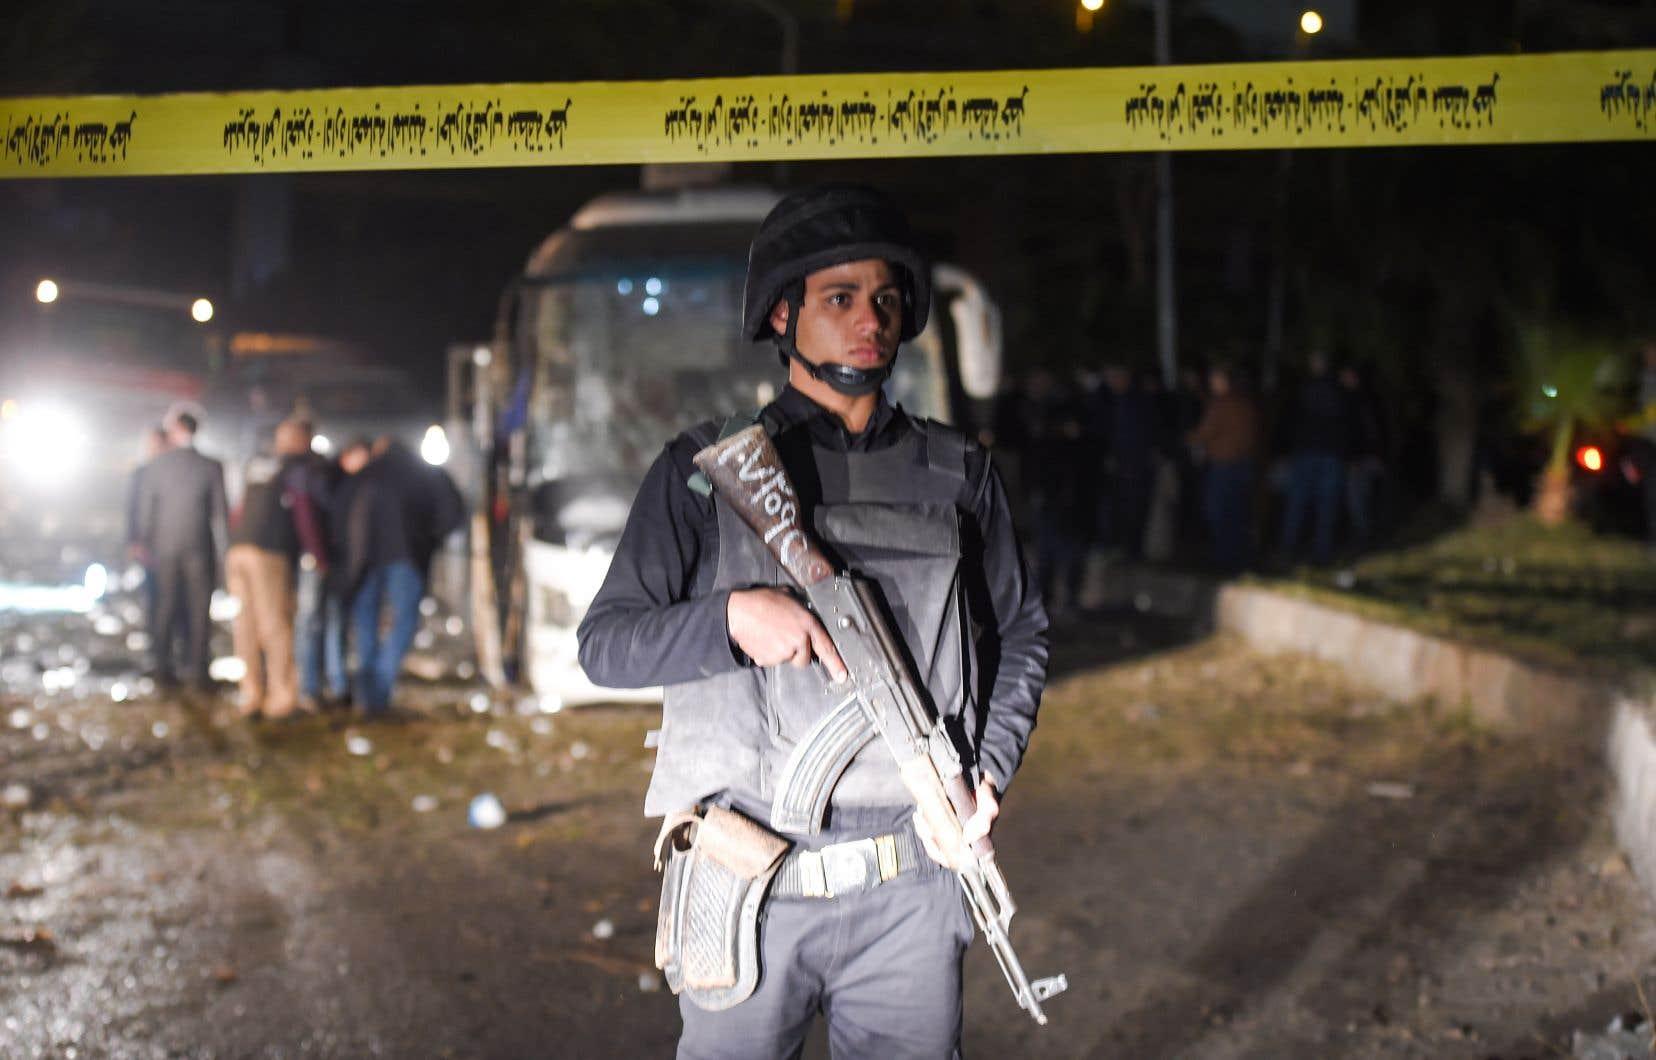 Les forces de sécurité ont été dépêchées sur les lieux de l'attaque de jeudi après-midi, d'après le ministère de l'Intérieur.